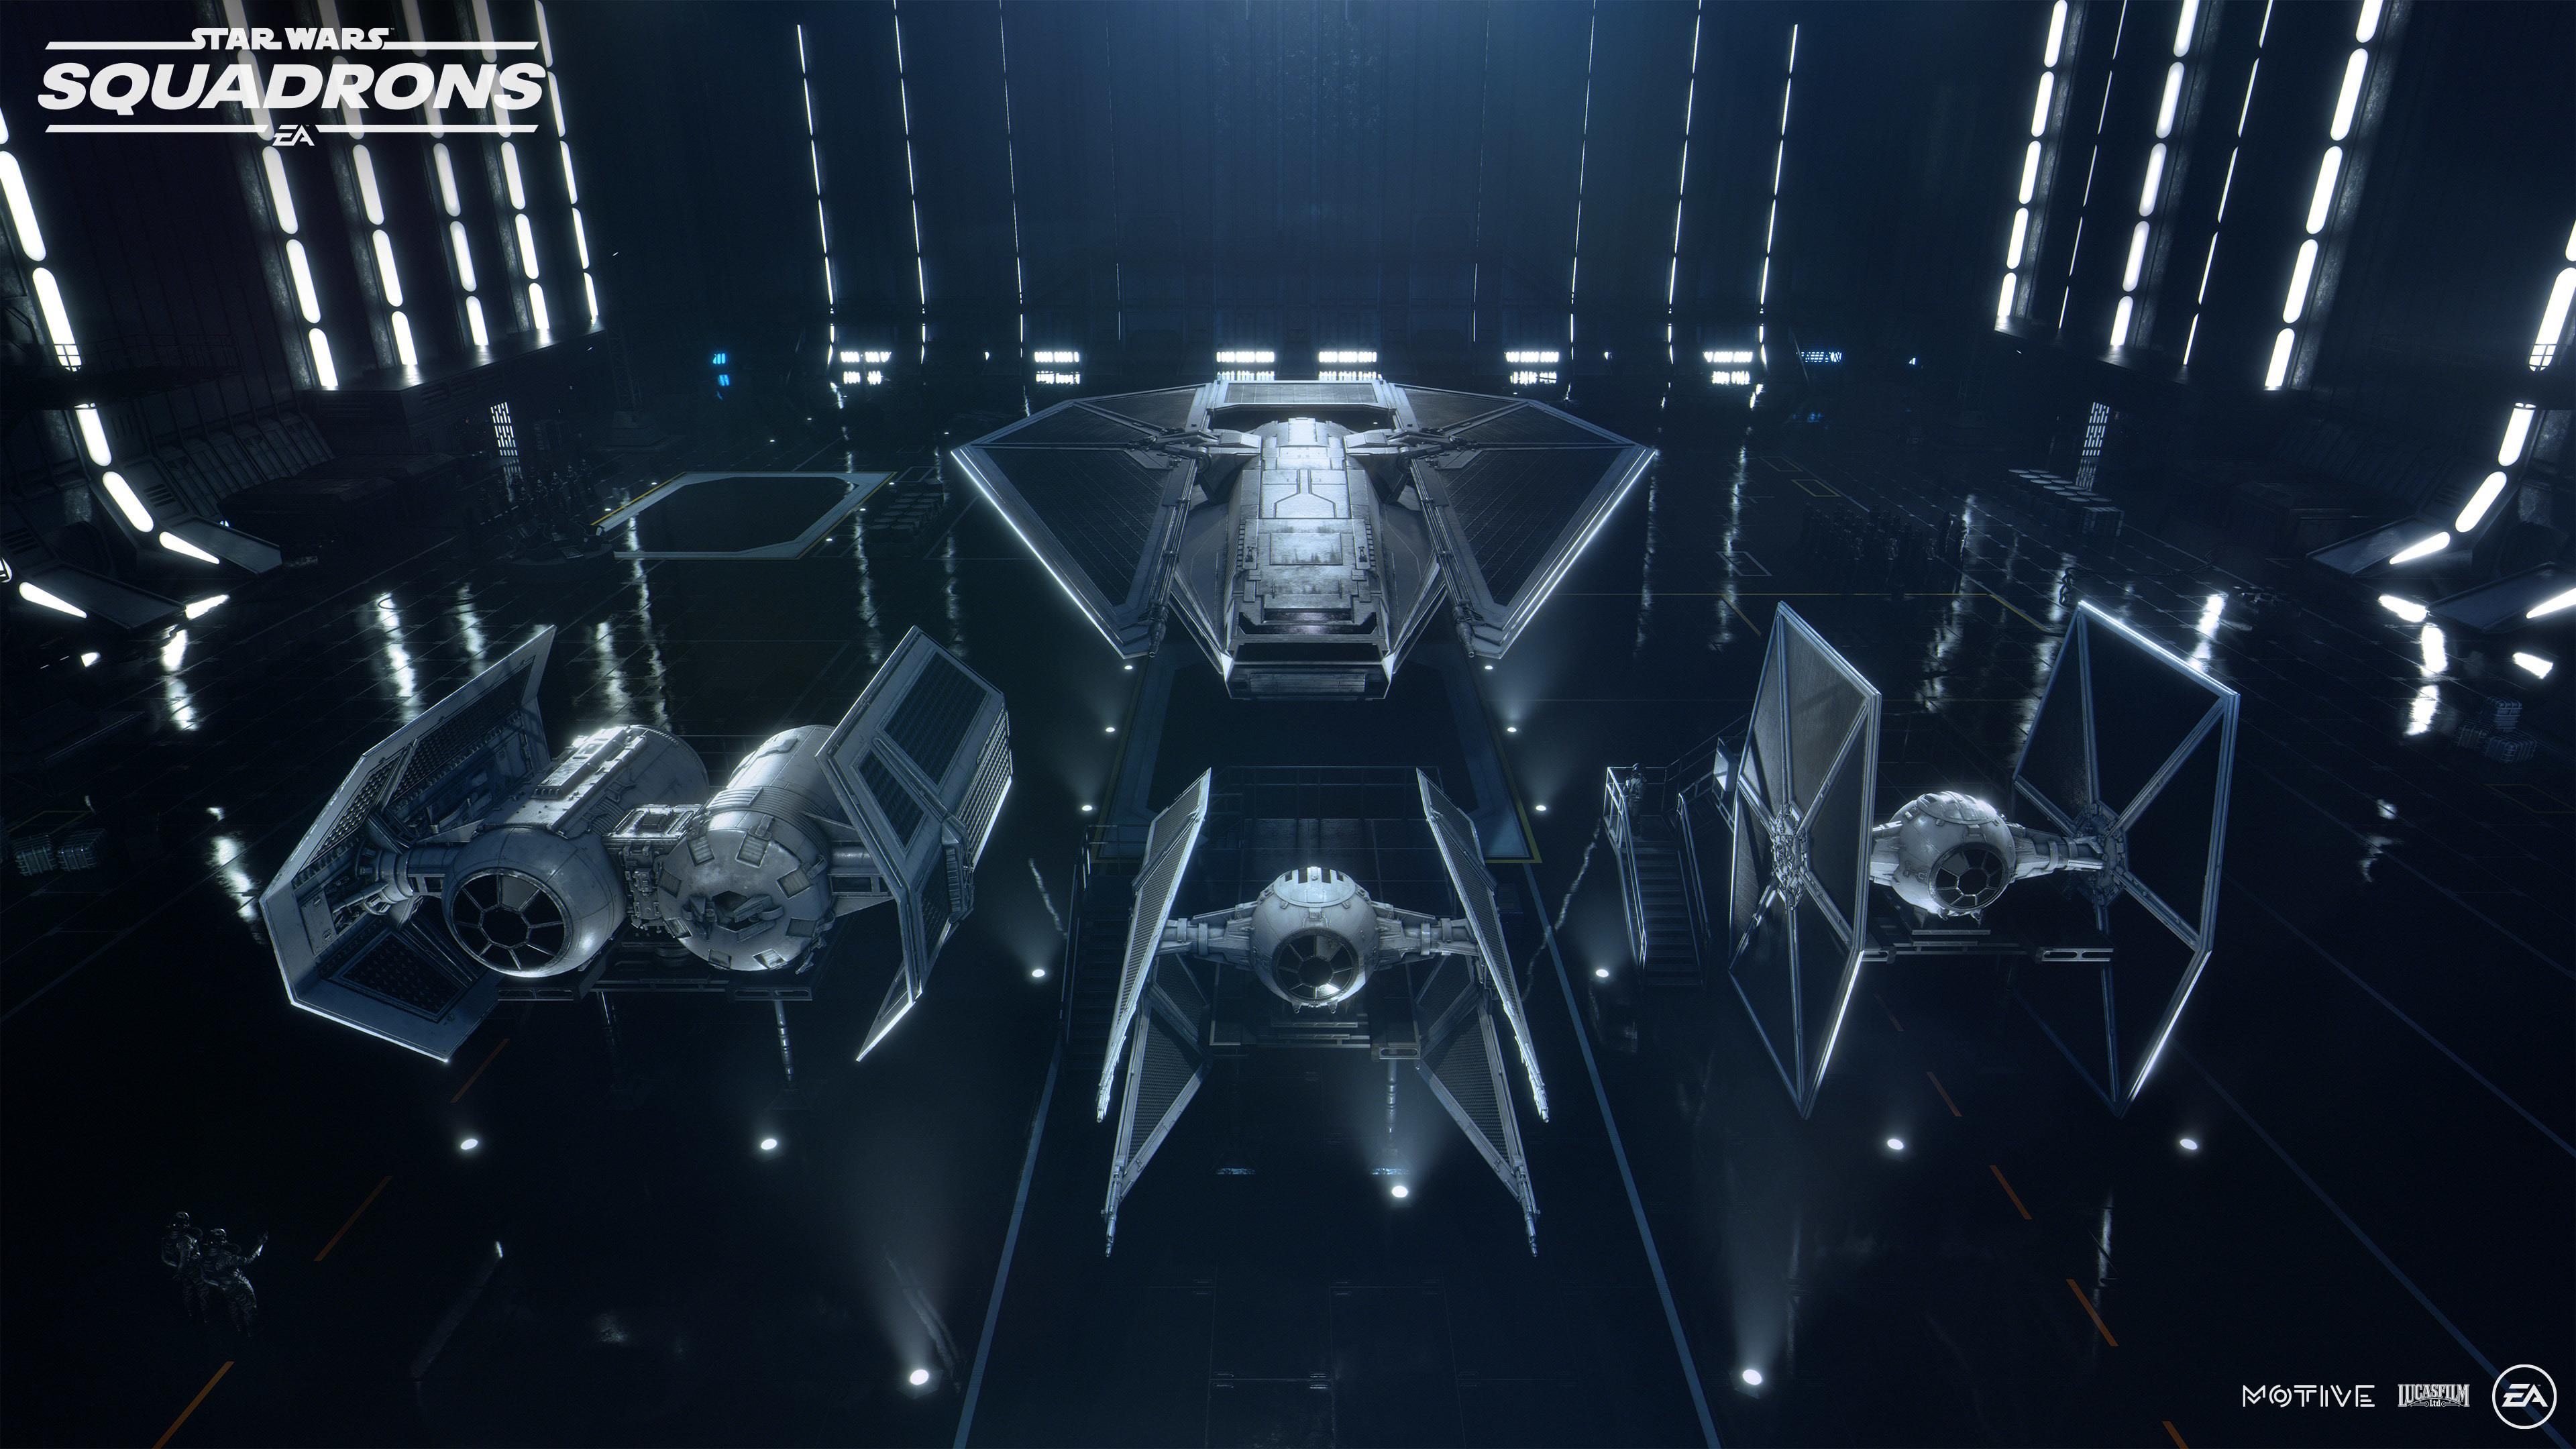 Star Wars Squadrons 4k Ultra Hd Wallpaper Background Image 3840x2160 Wallpaper star wars squadrons 2021 game